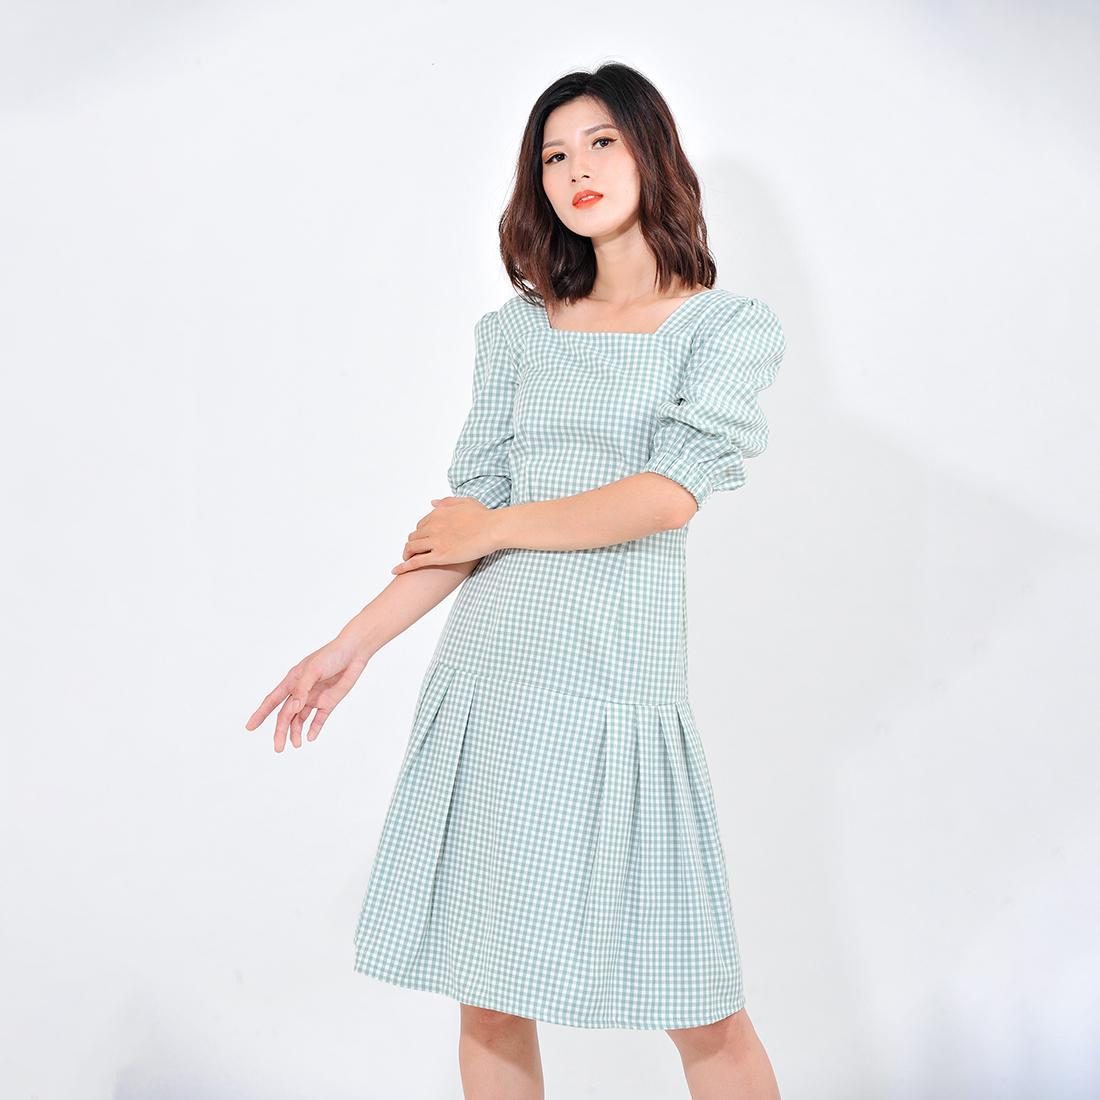 Váy đầm công sở nữ thời trang Eden kẻ caro cổ vuông tay lỡ. Kiểu dáng nữ tính. Màu sắc trẻ trung - D410 2